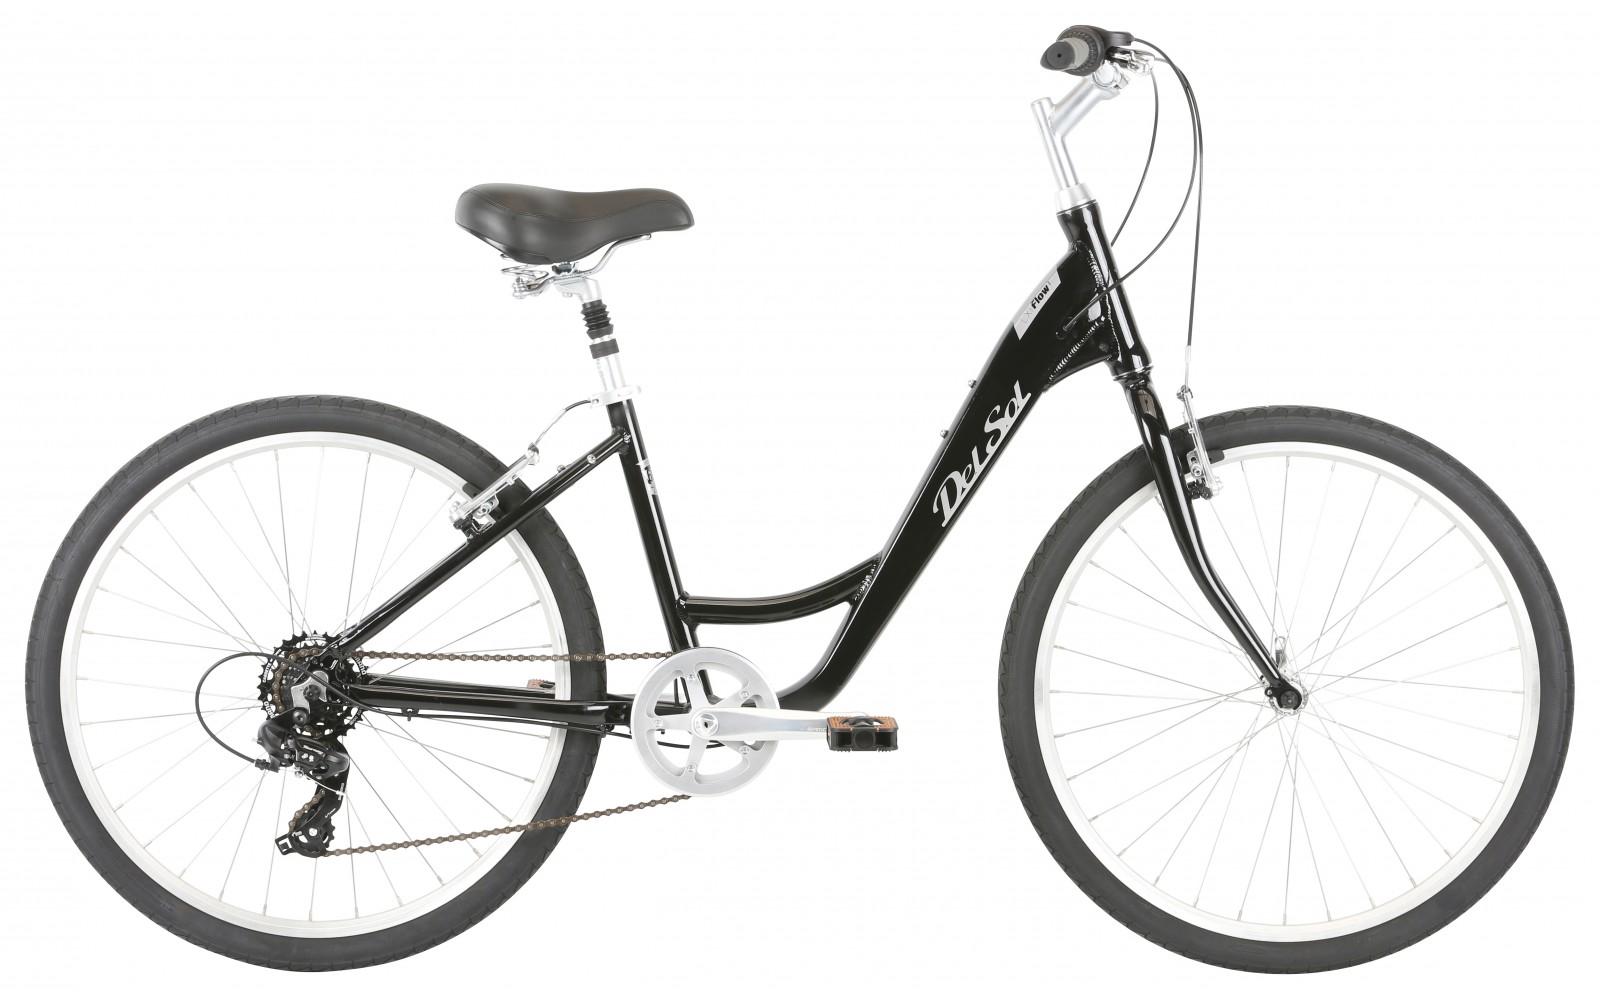 Женский велосипед Haro Lxi Flow 1 ST 26 2019